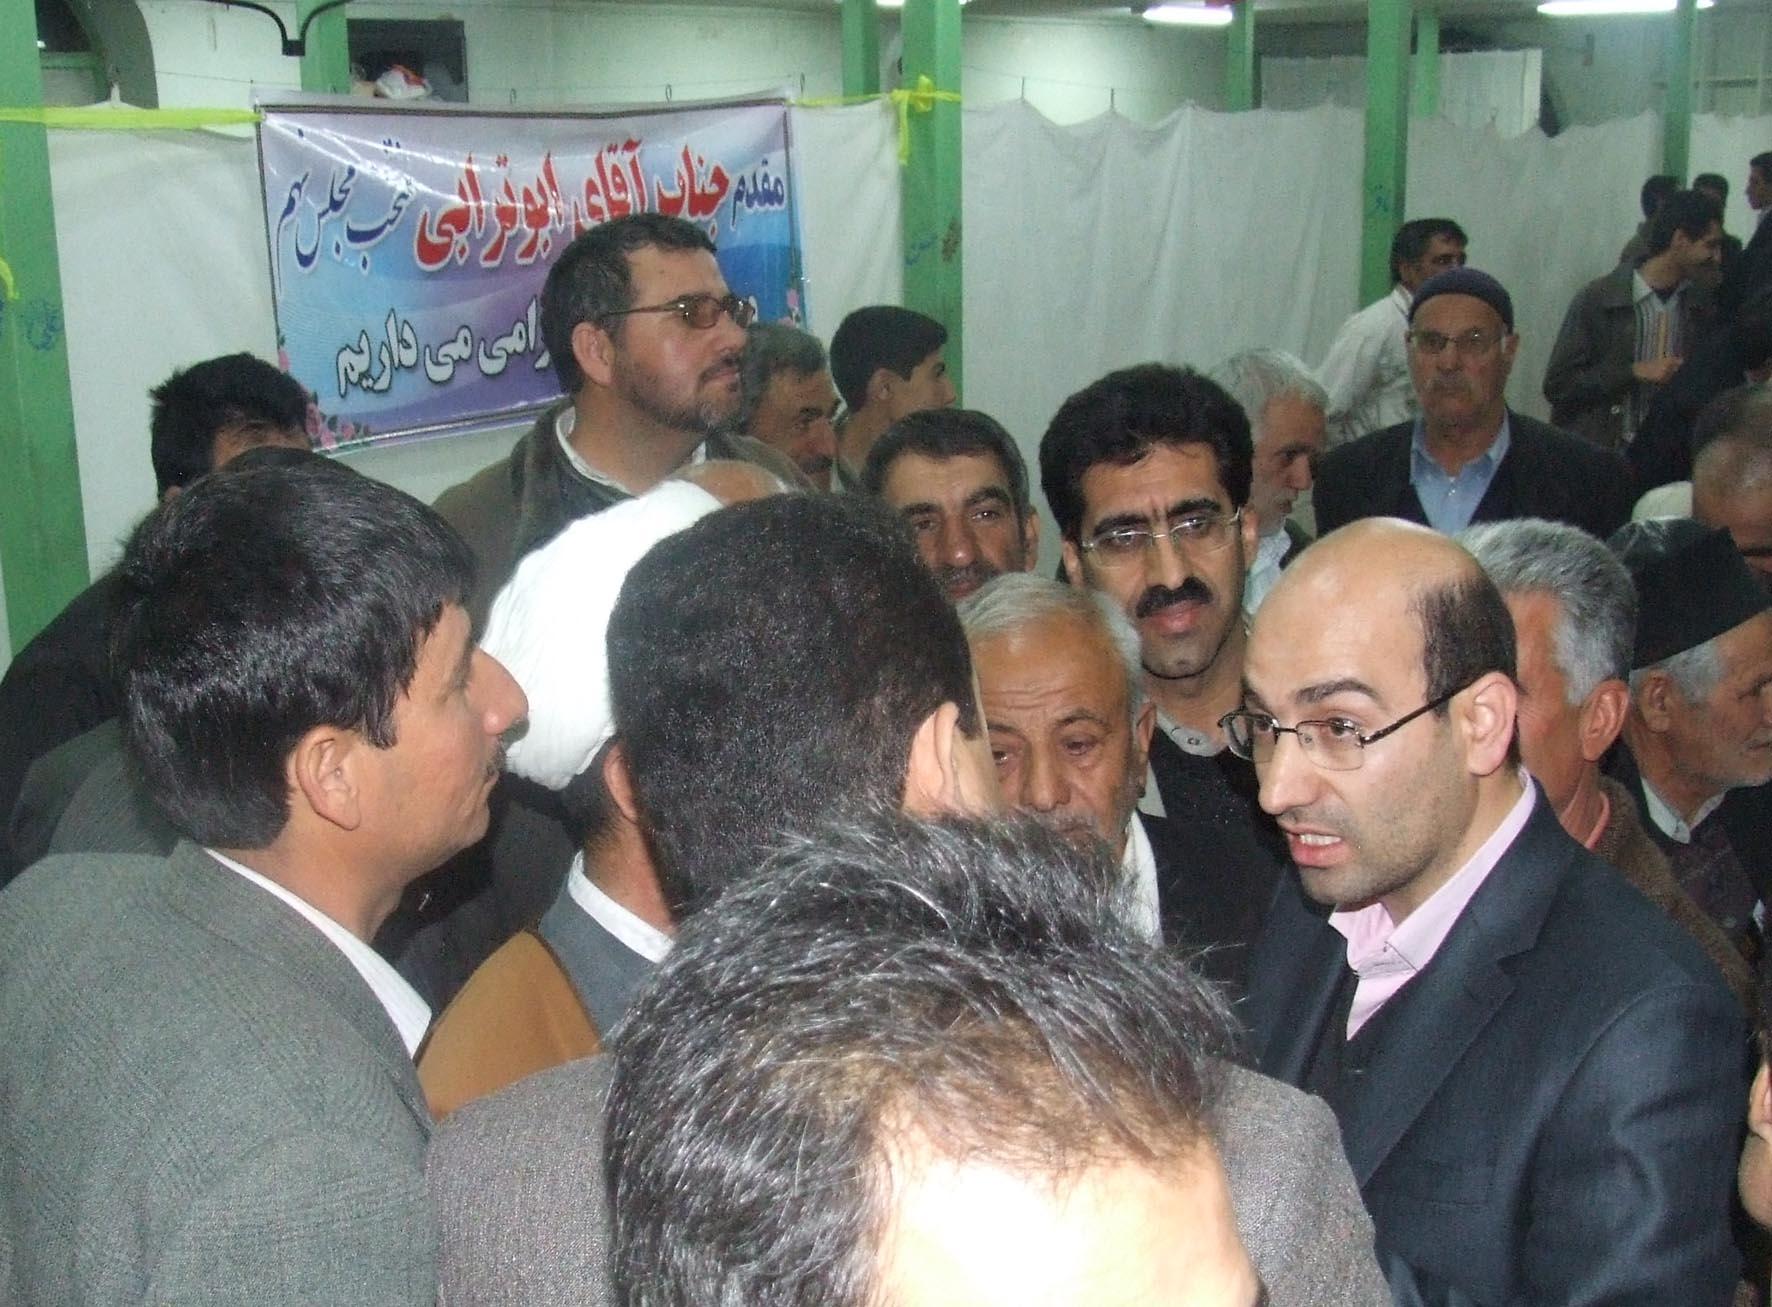 ابوترابی خبر داد  ساخت بیمارستان پیوند مغز استخوان زیتون نجف آباد ۱۵ میلیارد تومان هزینه خواهد داشت